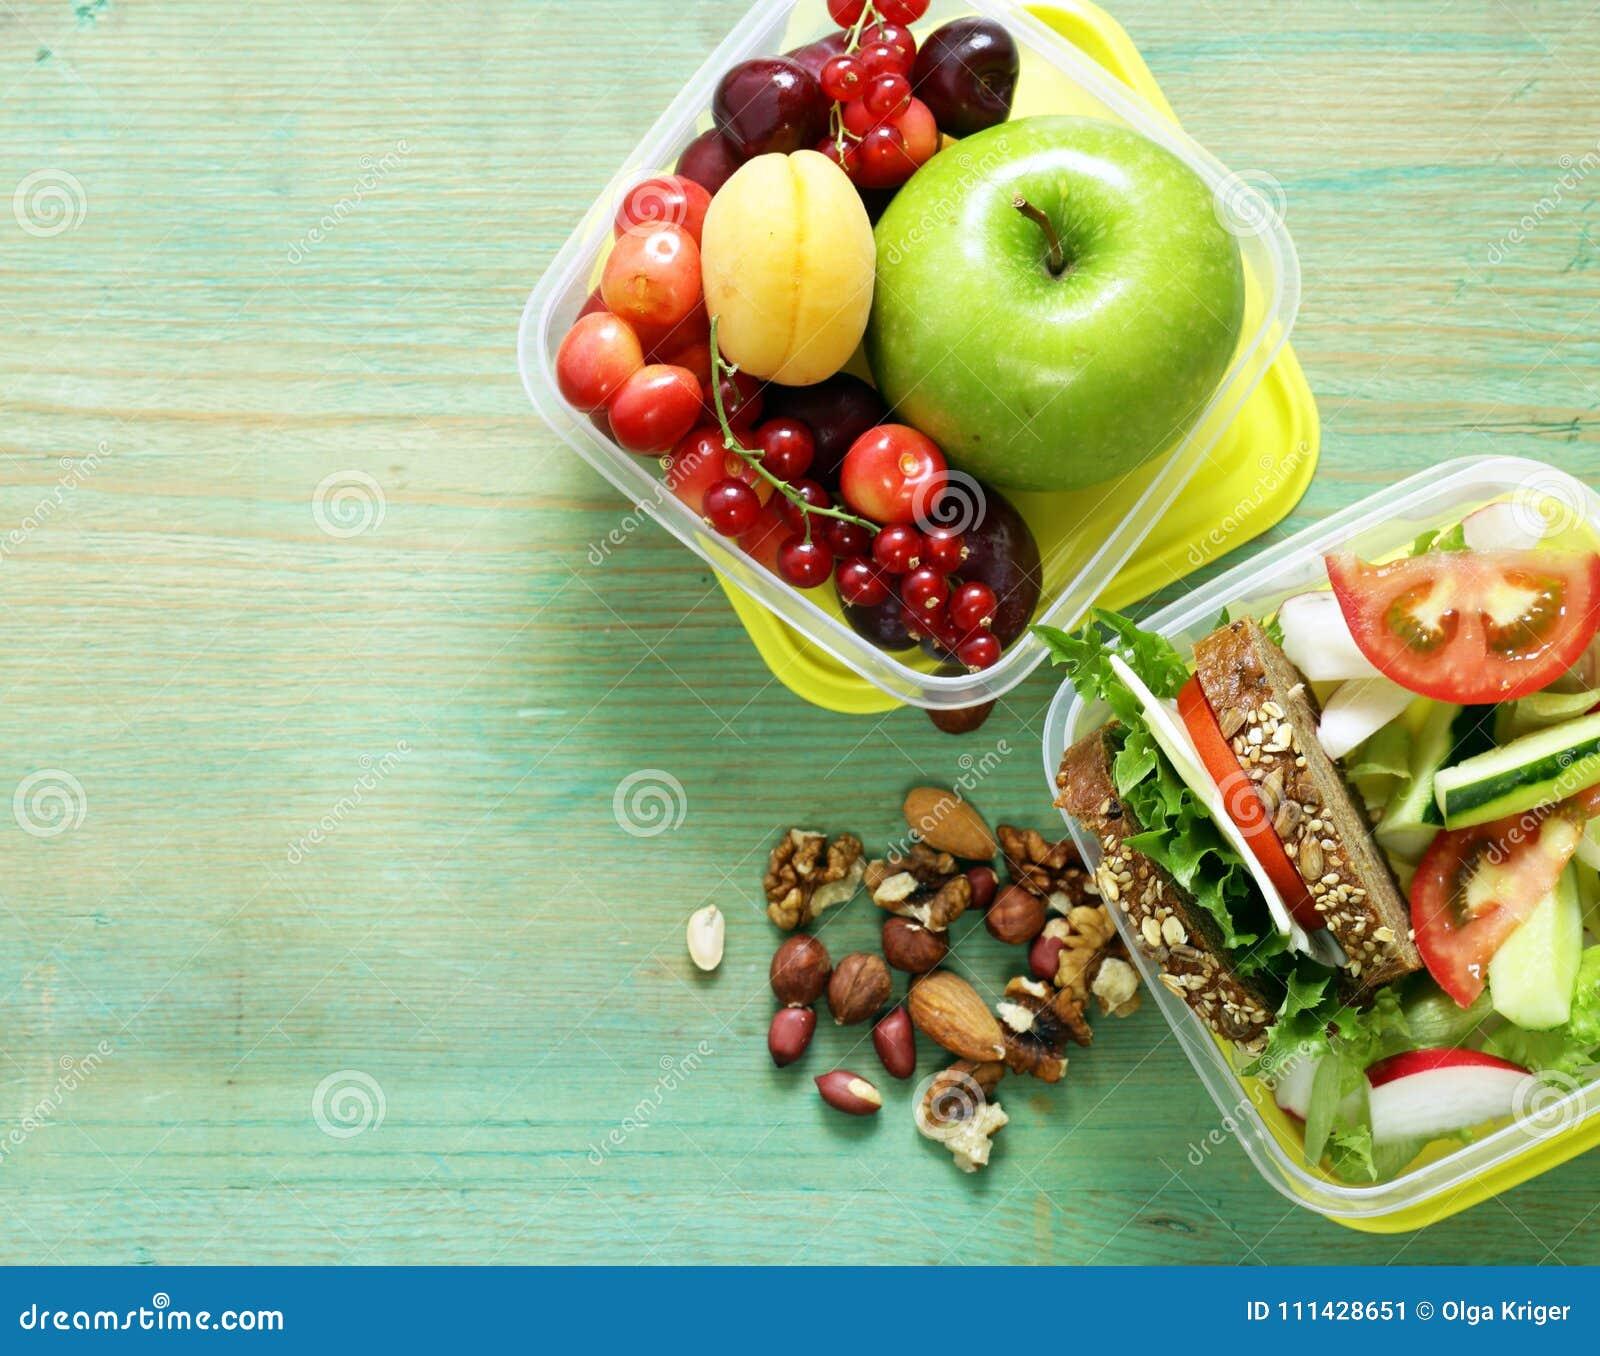 Healthy food - lunch box